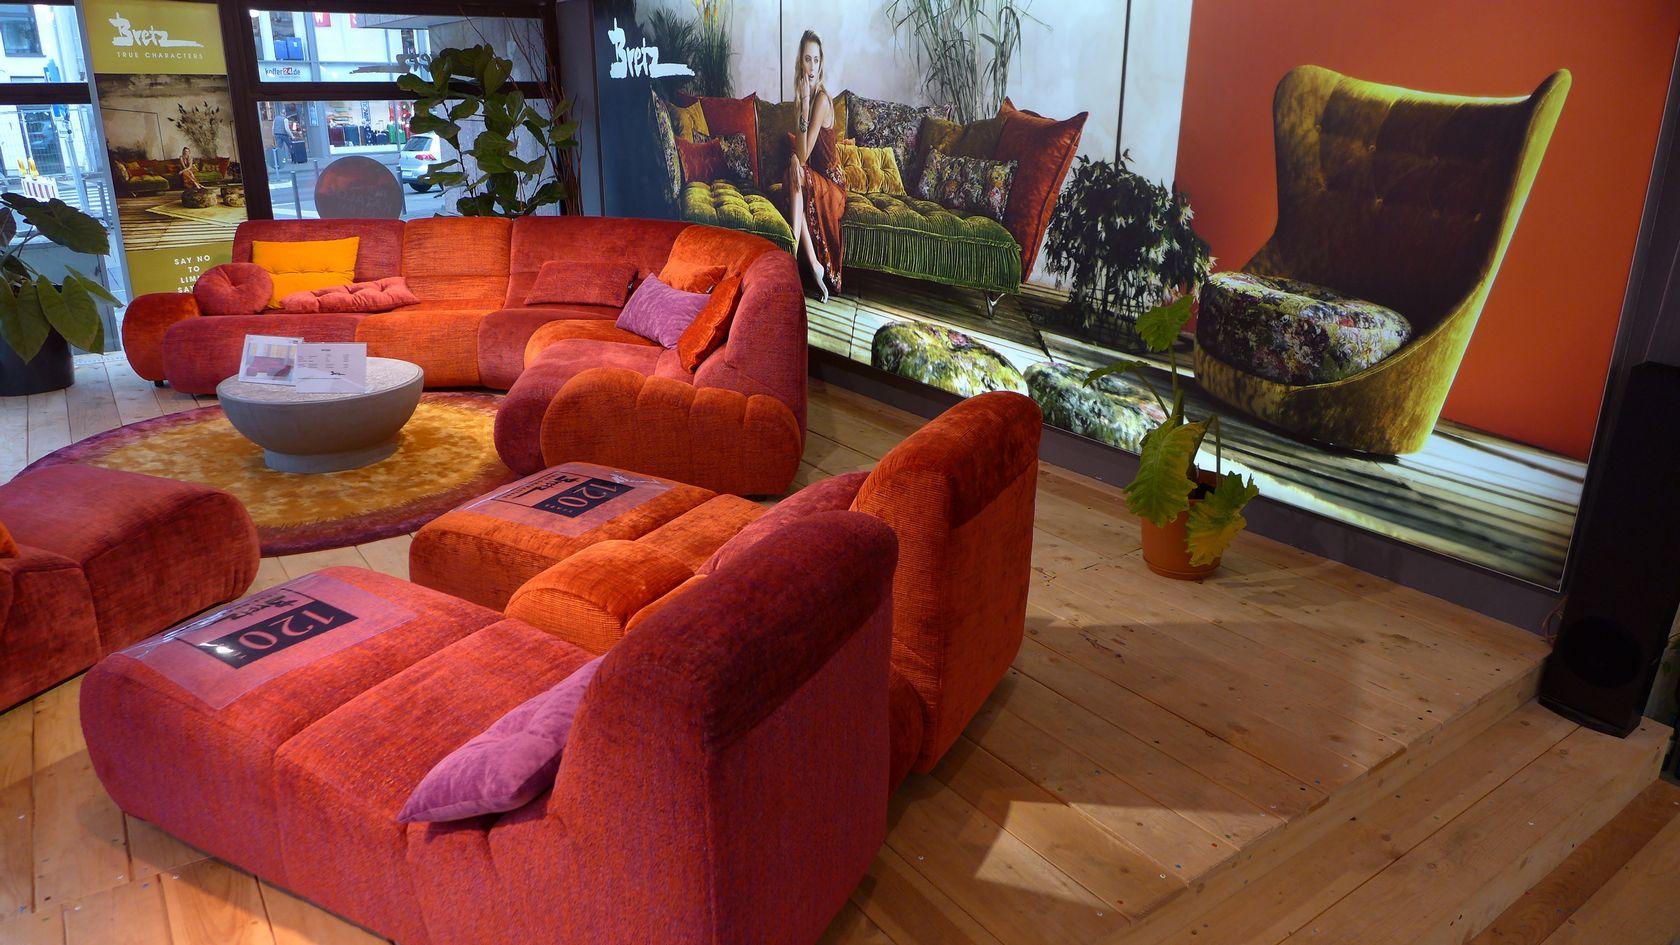 bretz store frankfurt 2017 03 03 022 bretz store frankfurt. Black Bedroom Furniture Sets. Home Design Ideas